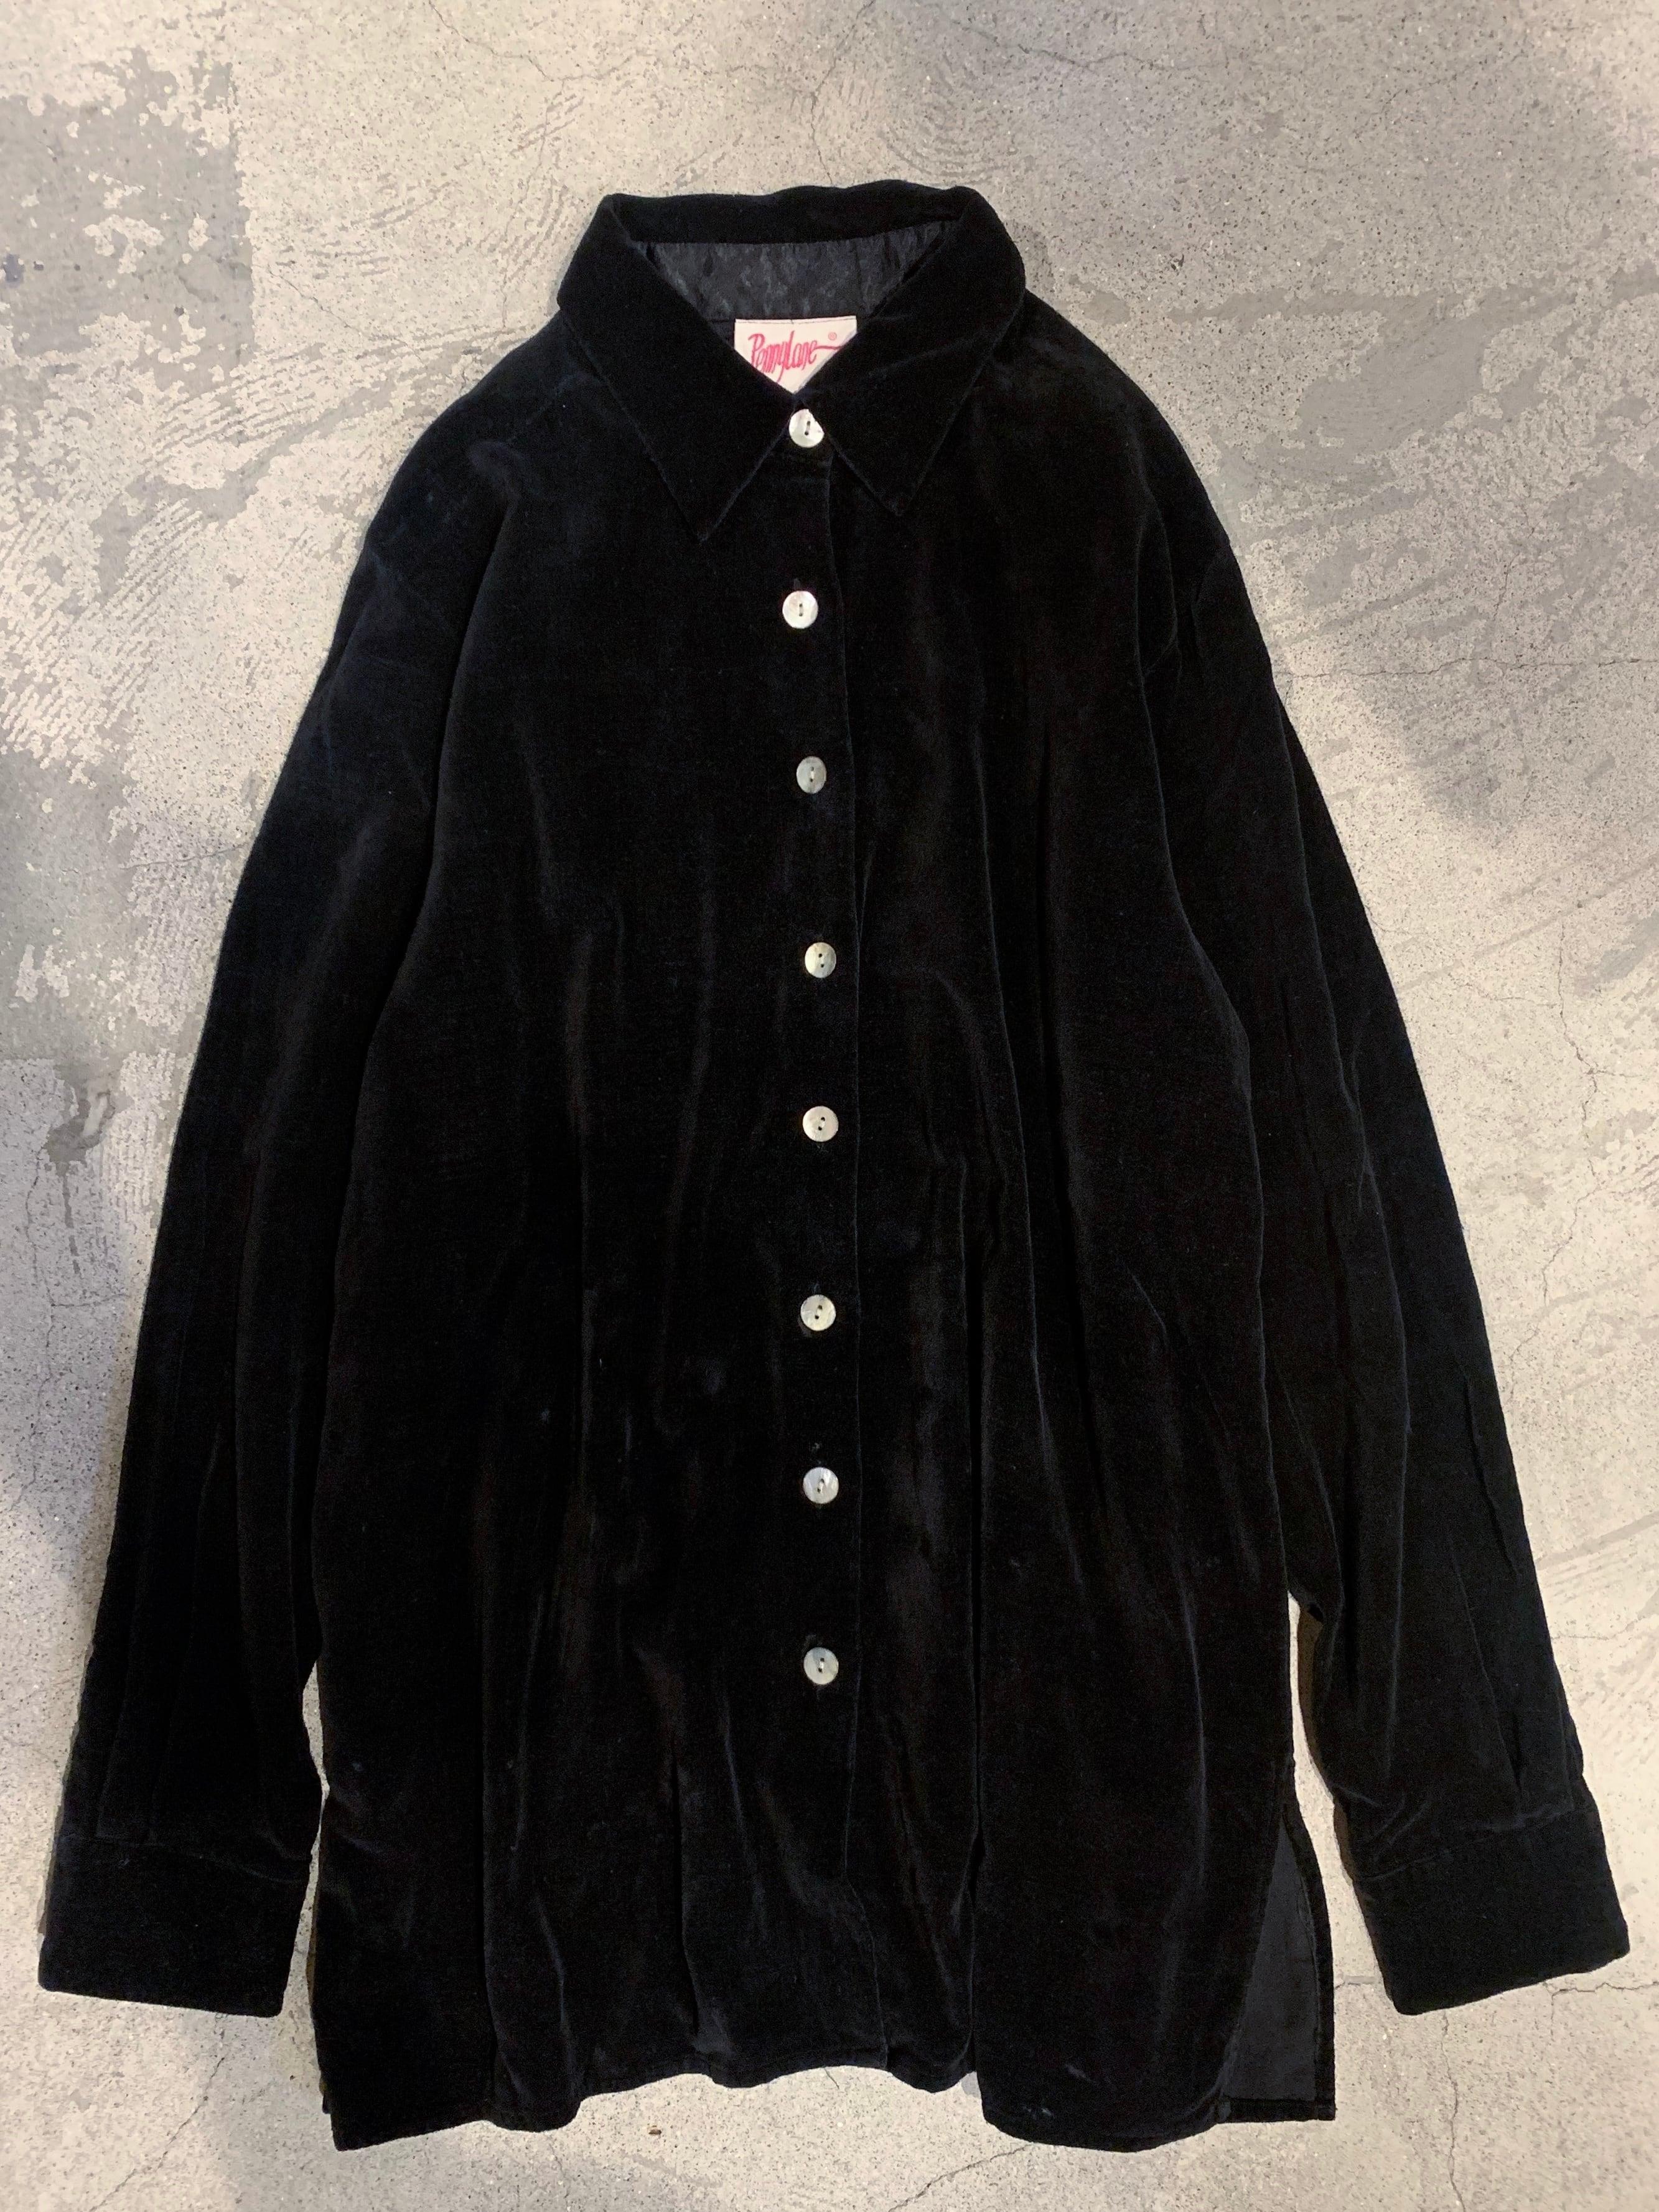 vintage velor shirt / black